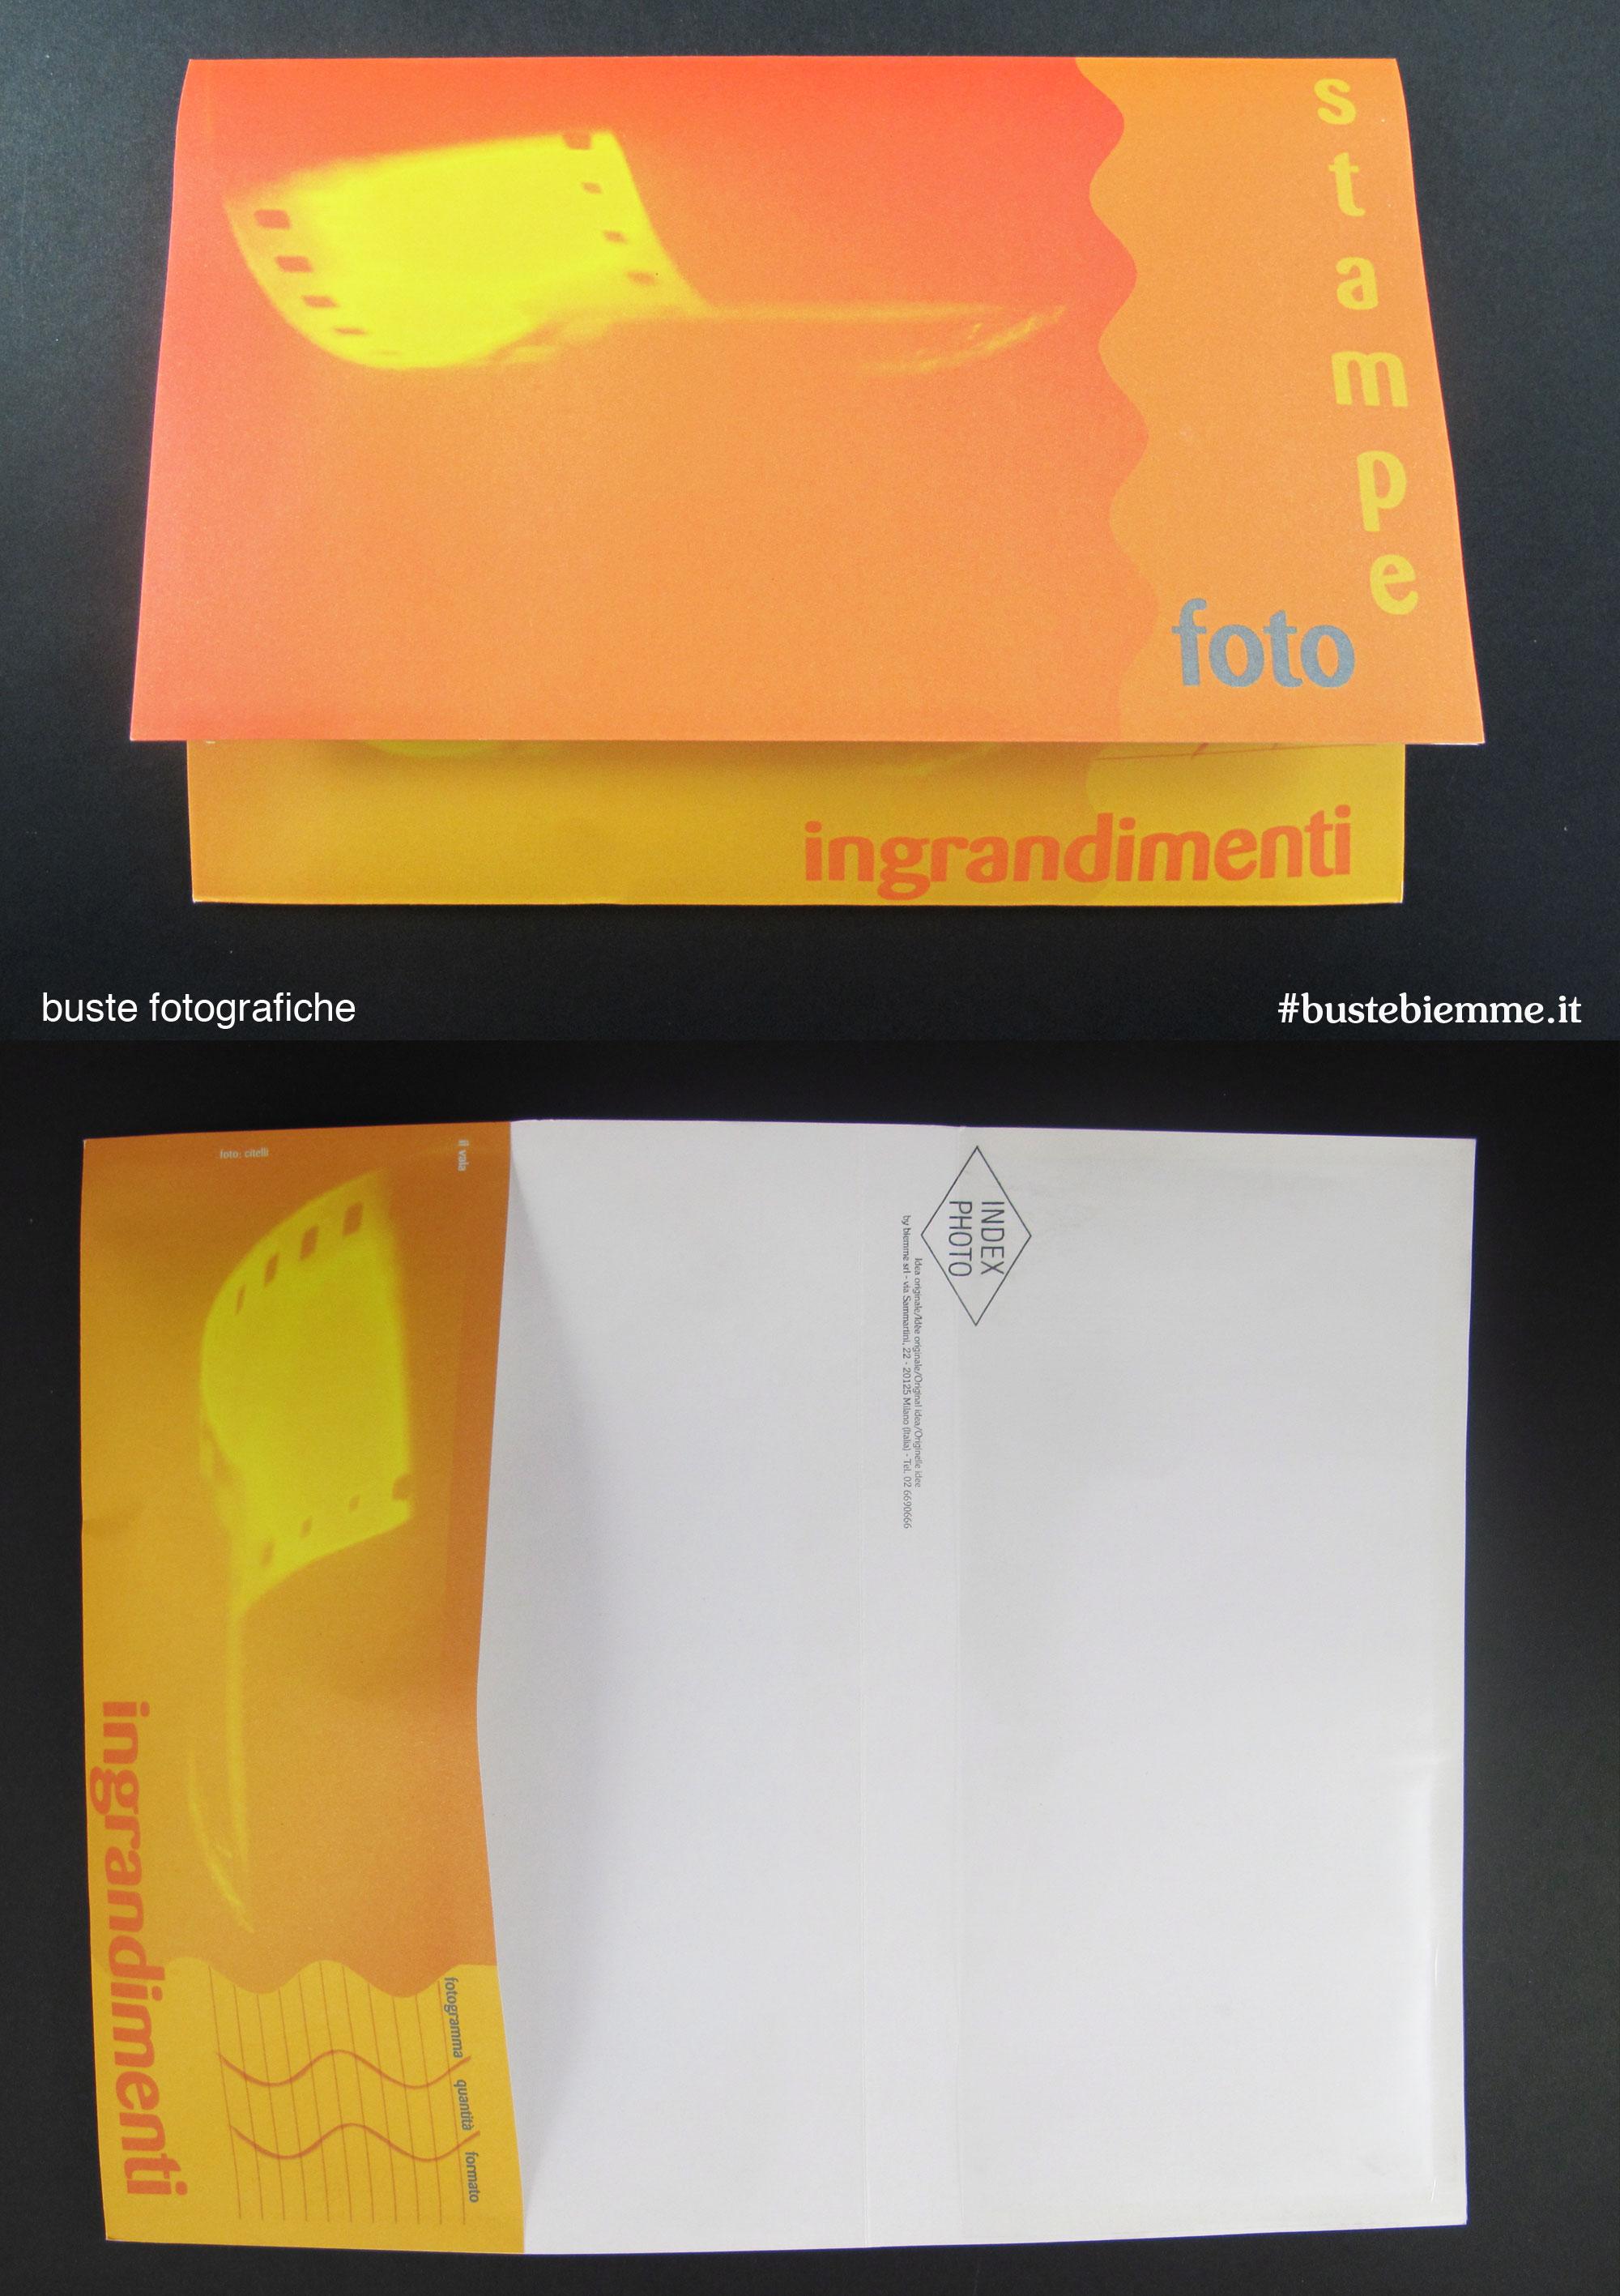 busta fotografica in carta di lavorazione e consegna foto